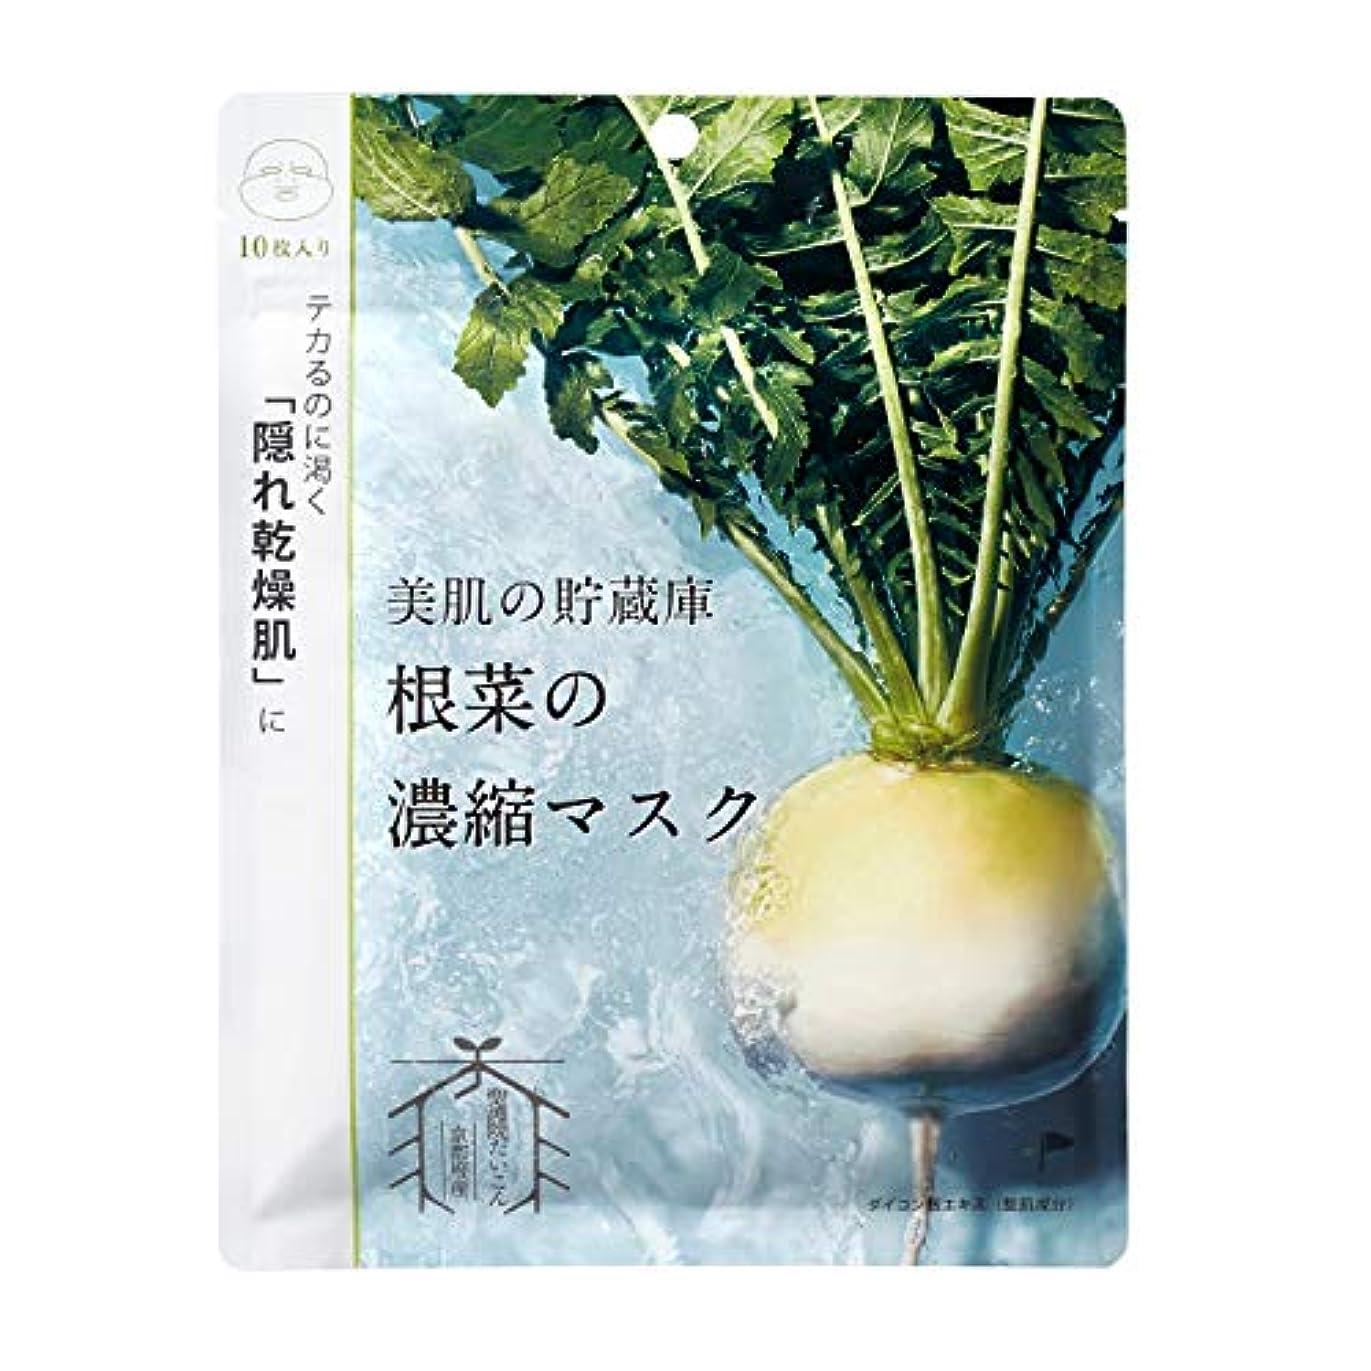 心のこもった設計図圧力@cosme nippon 美肌の貯蔵庫 根菜の濃縮マスク 聖護院だいこん 10枚入 148ml